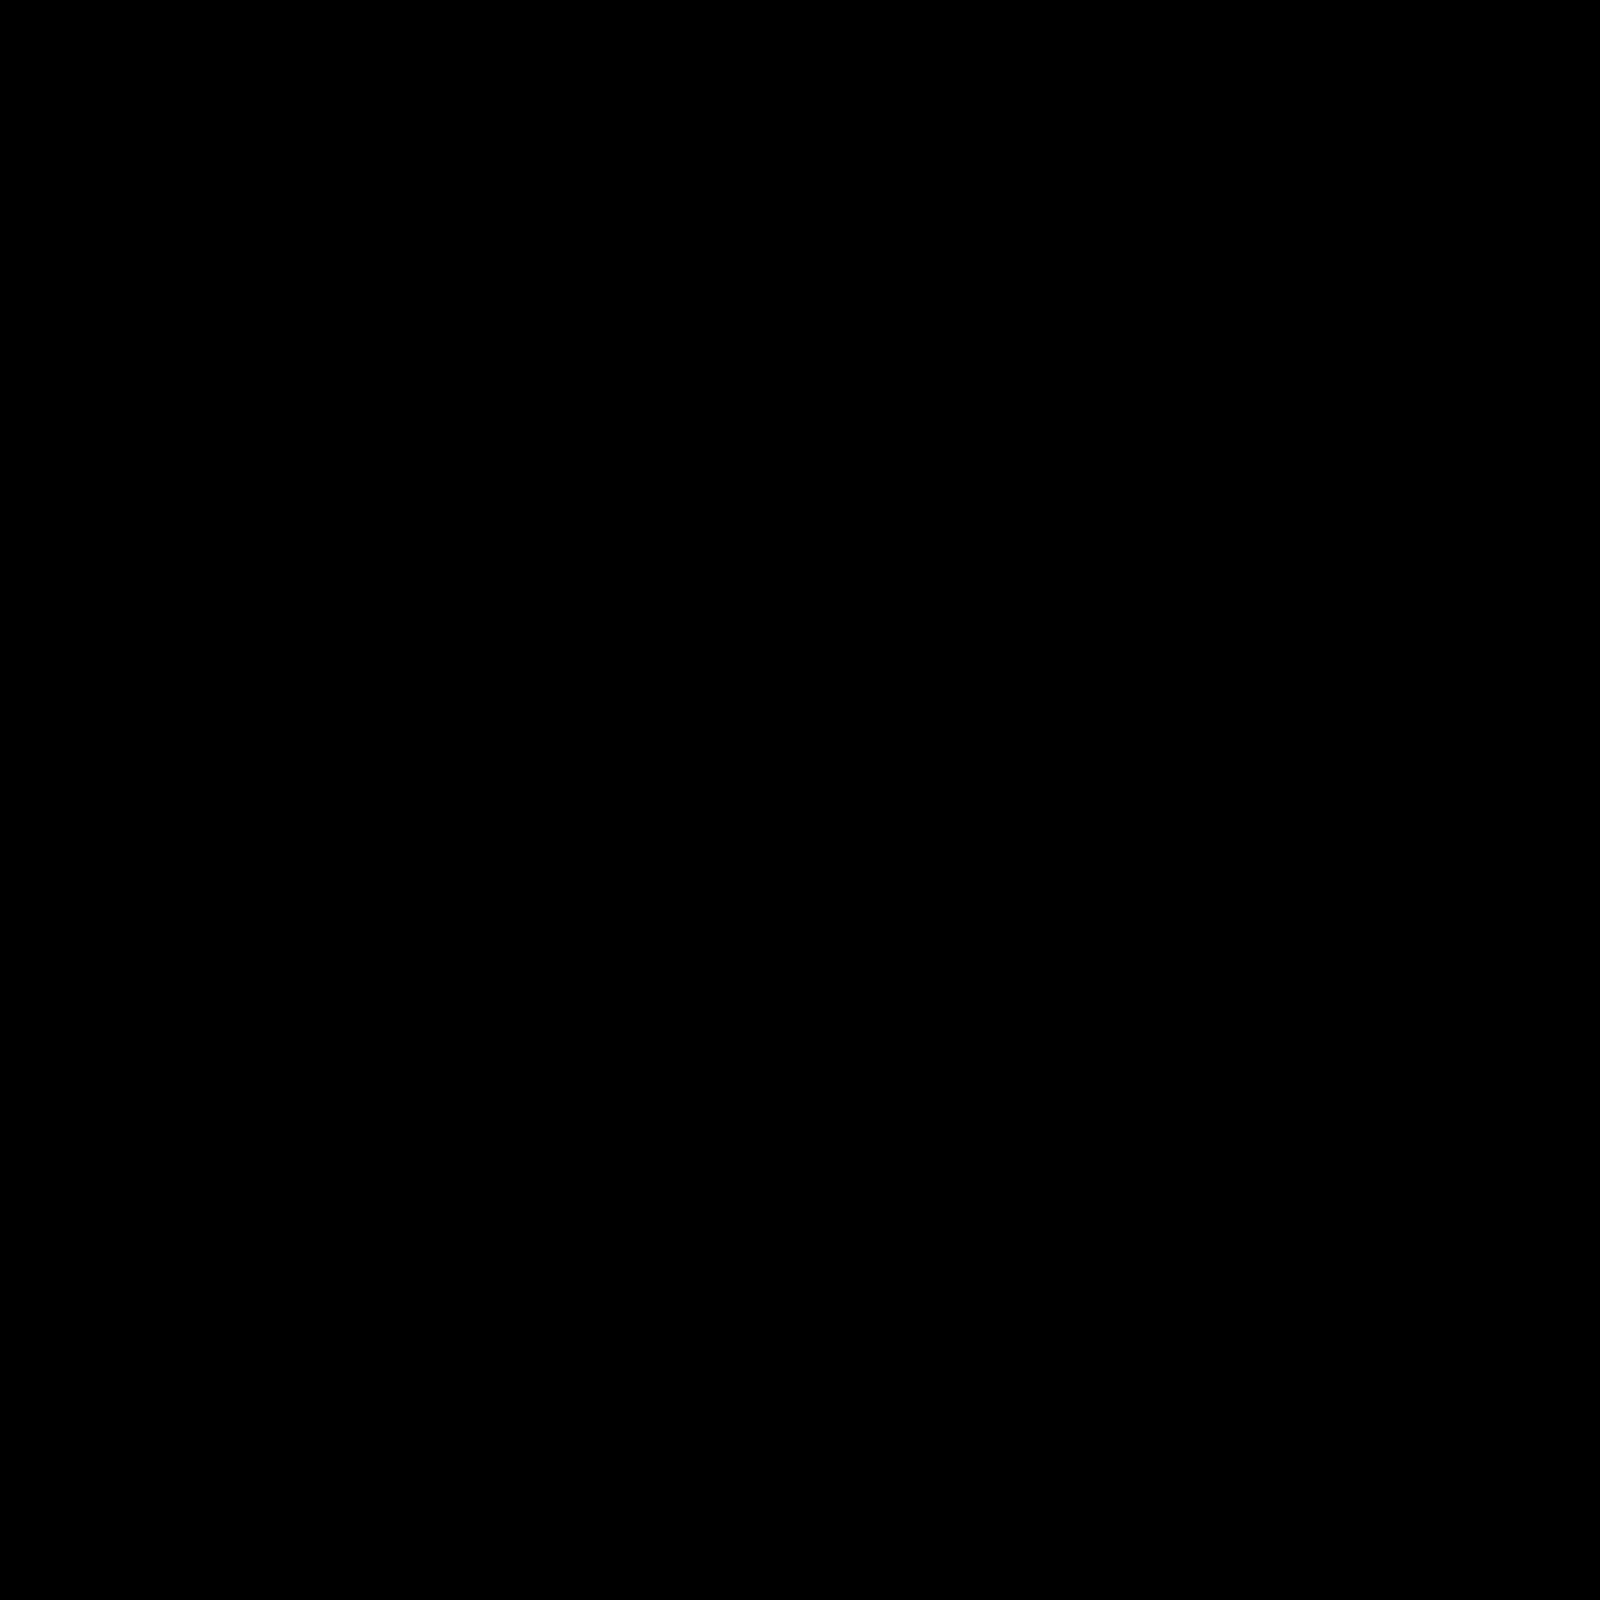 Lieferant icon